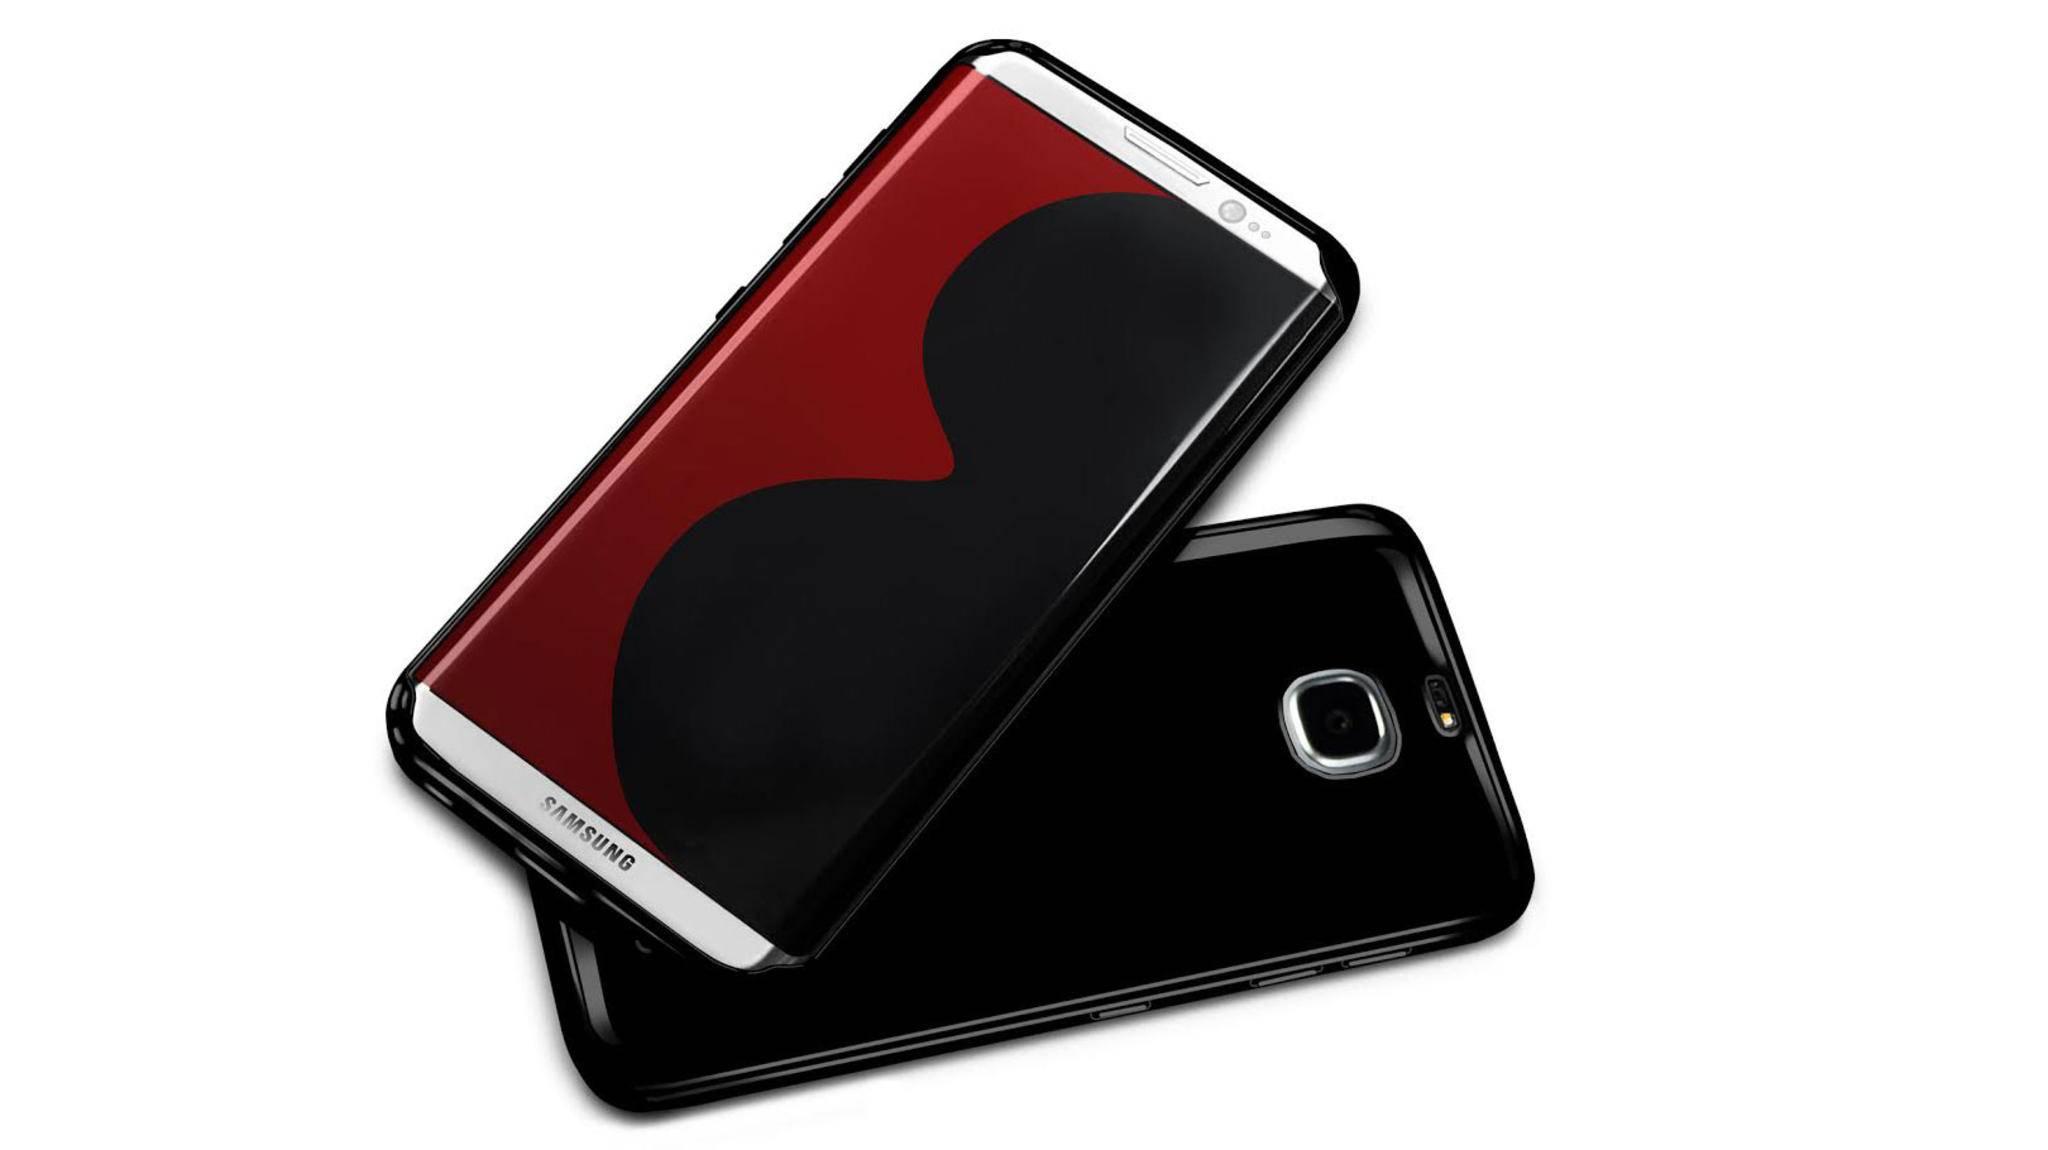 Kein Home-Button, dafür mit Iris-Scanner: Sieht so das Galaxy S8 Edge aus?